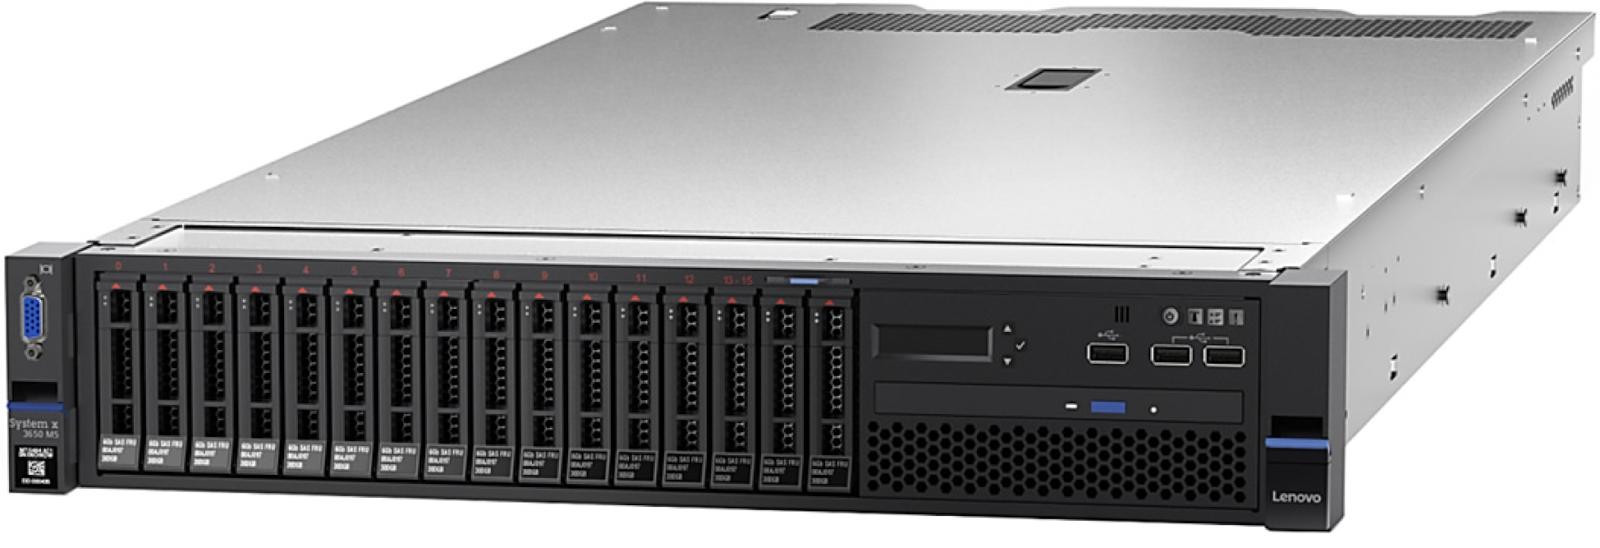 «Облакотека» выбрала серверы Lenovo в качестве платформы для новейших сервисов IaaS - 4